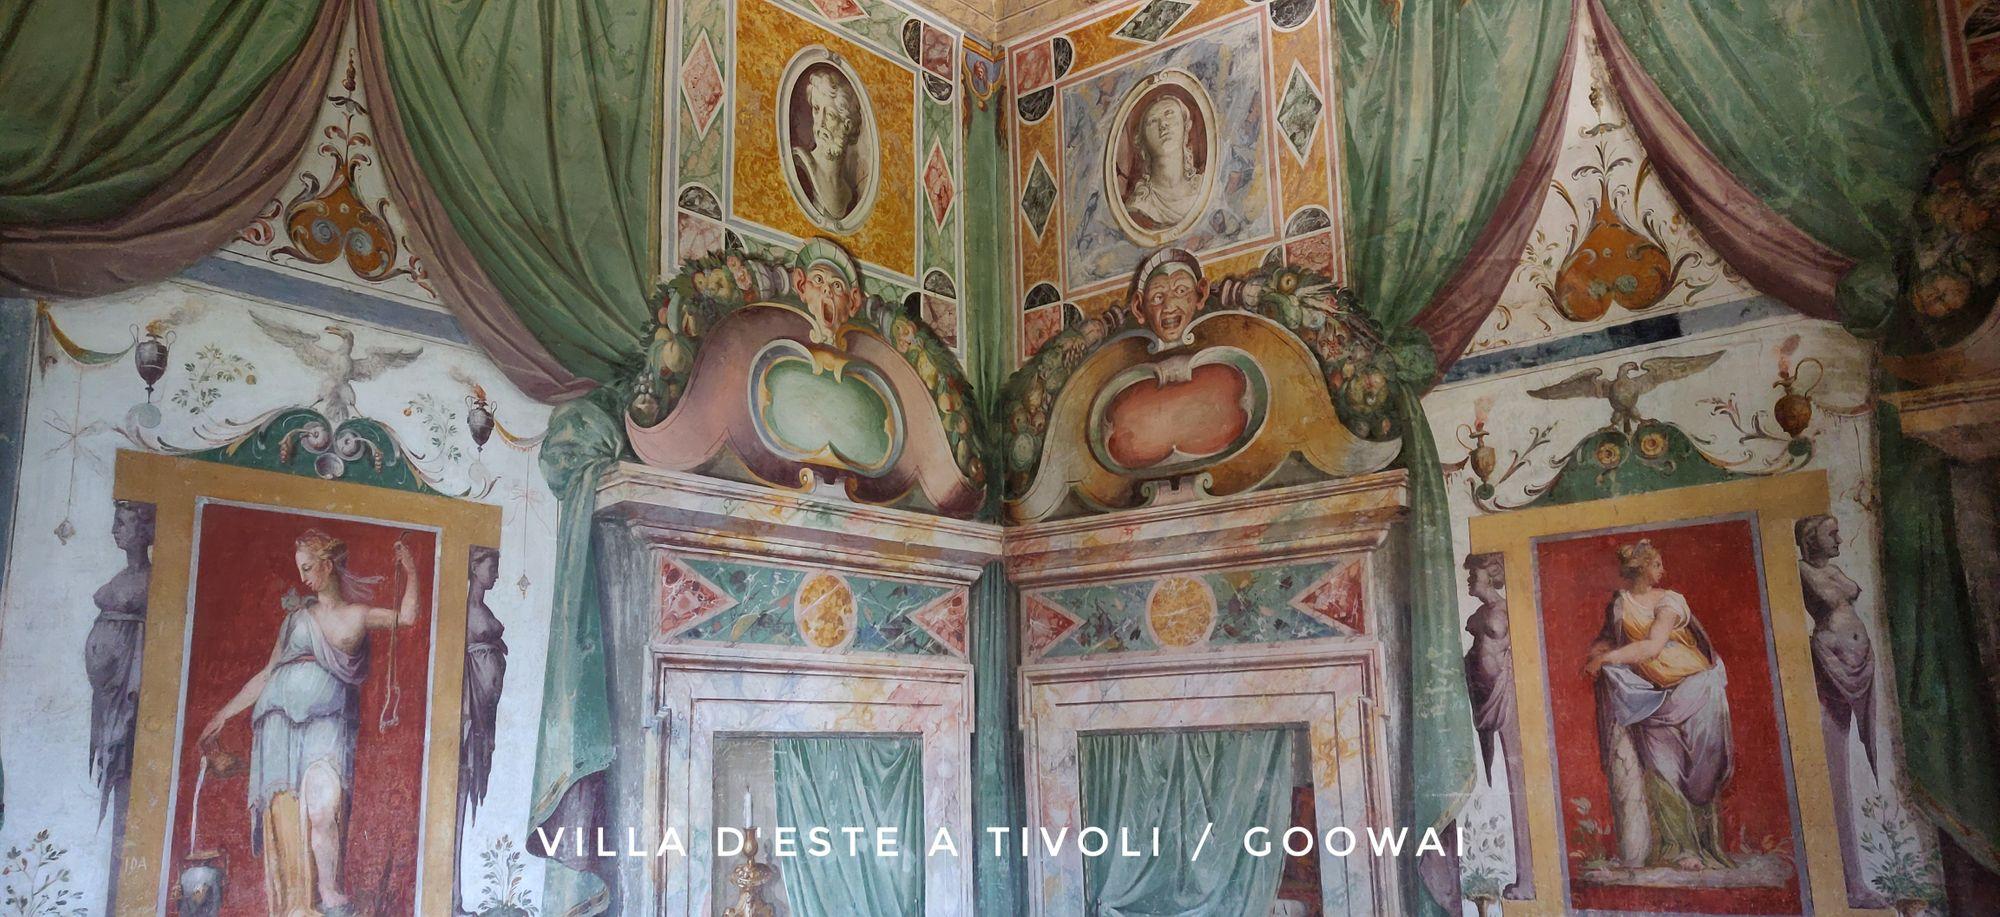 La casa di villa d'Este a Tivoli